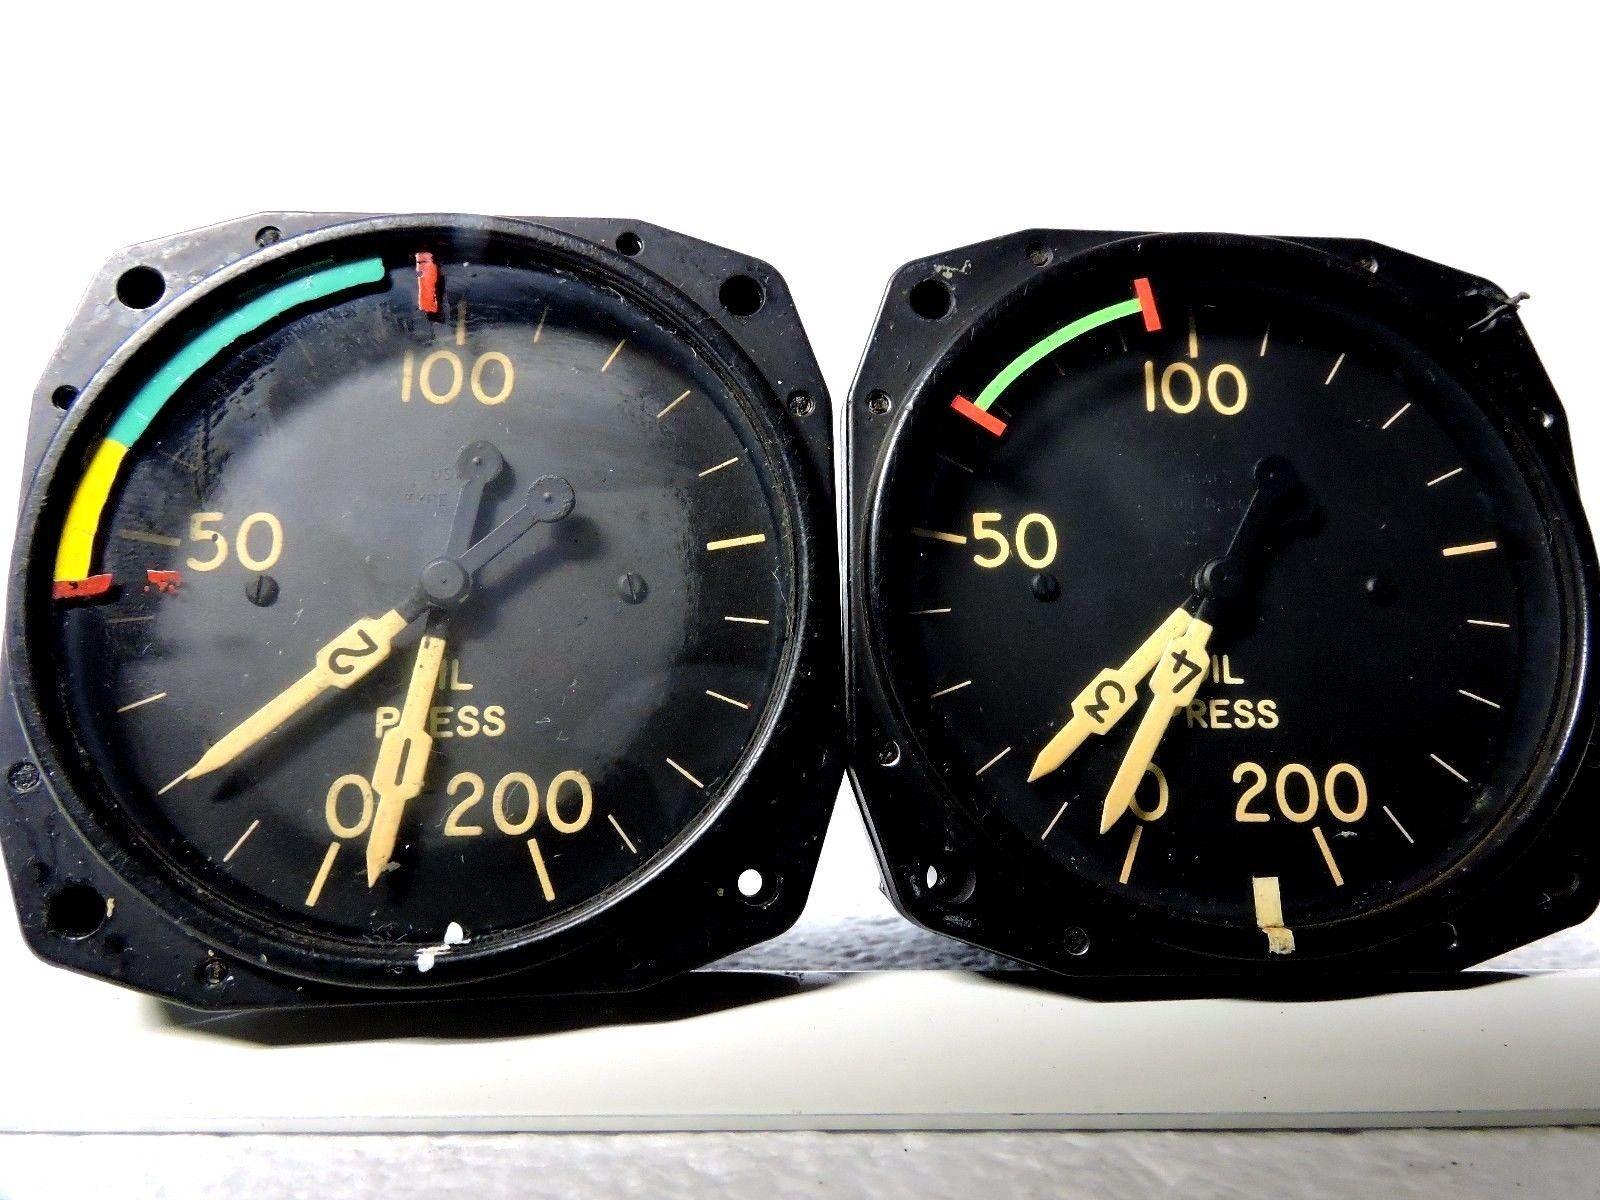 Oil pressure gauge set dual engine for 4 engine aircraft us gauge oil pressure gauge set dual engine for 4 engine aircraft us gauge type b 9c altavistaventures Images